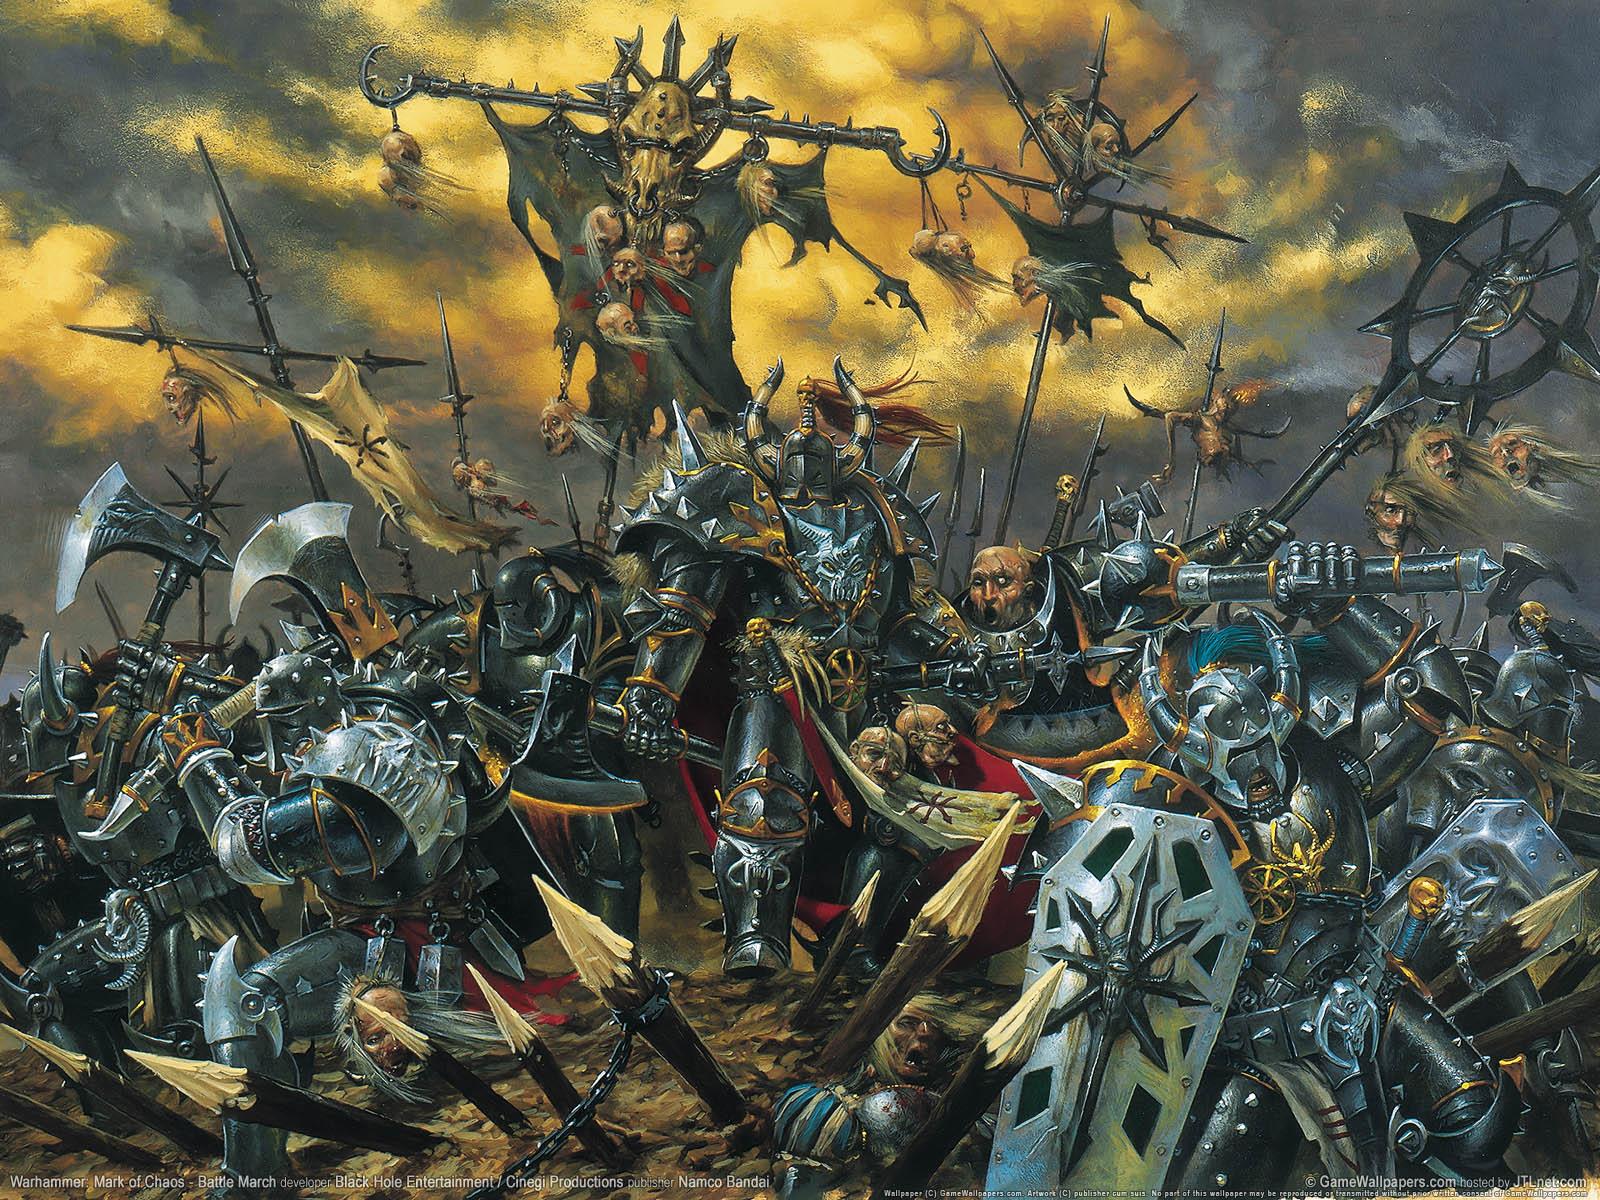 Warhammer3a Mark Of Chaos Battle March Fondo De